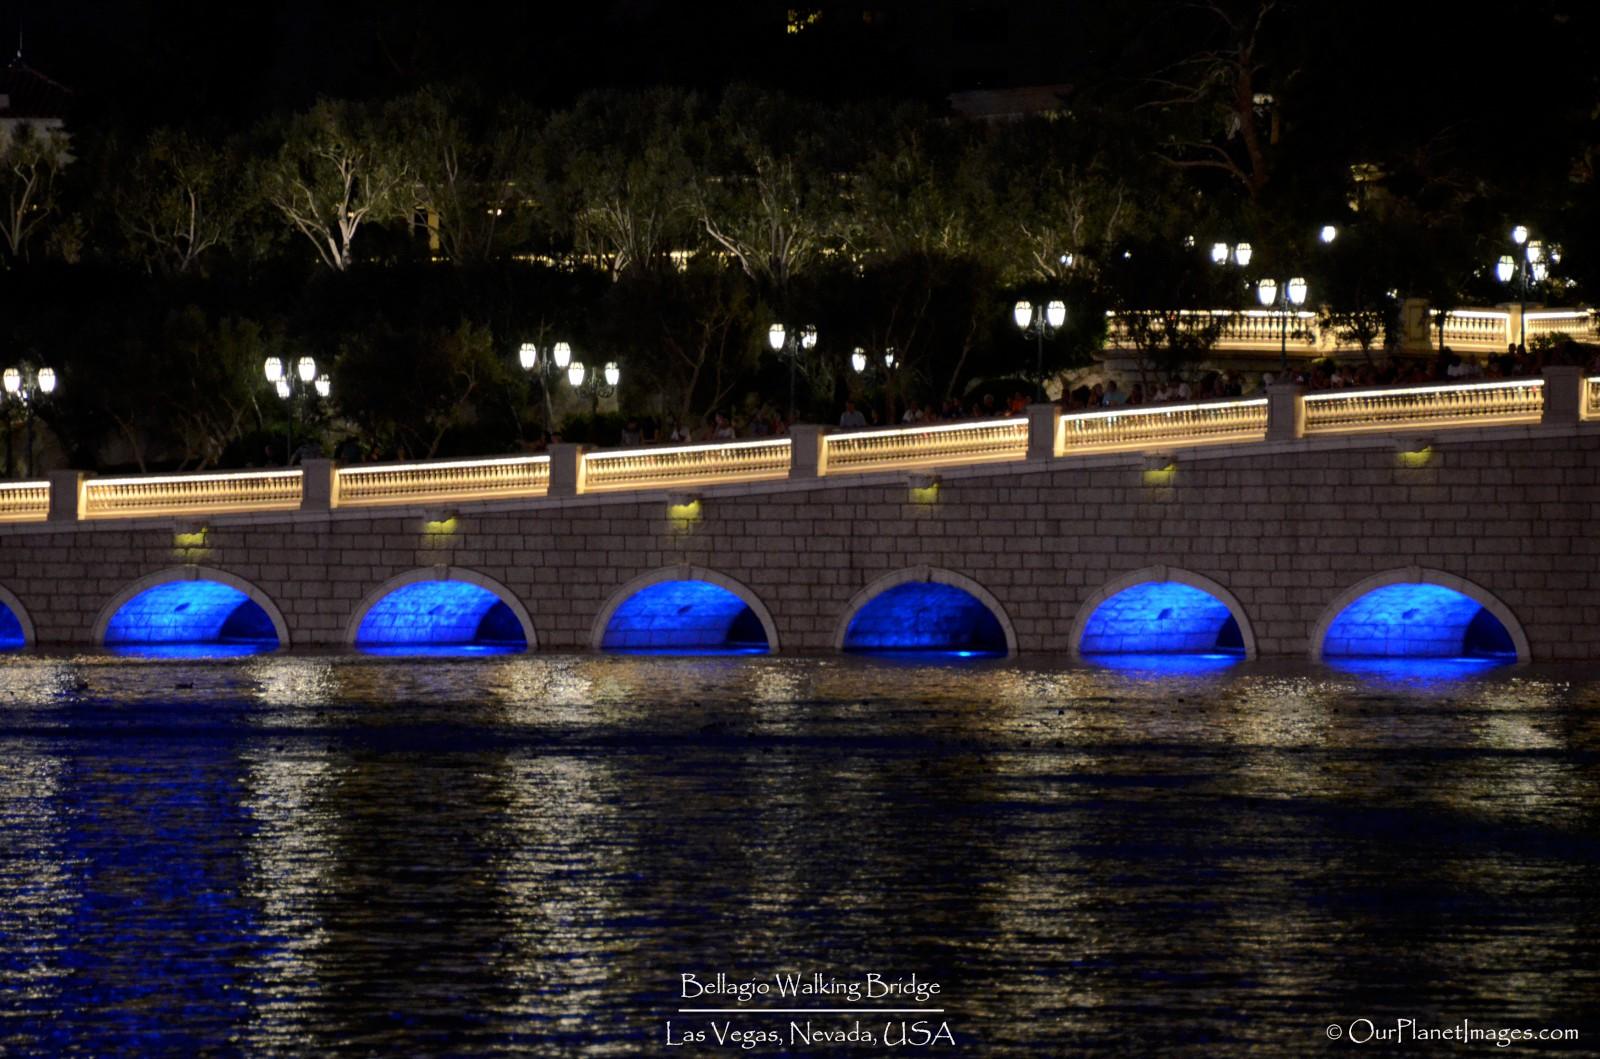 Bellagio walking bridge night